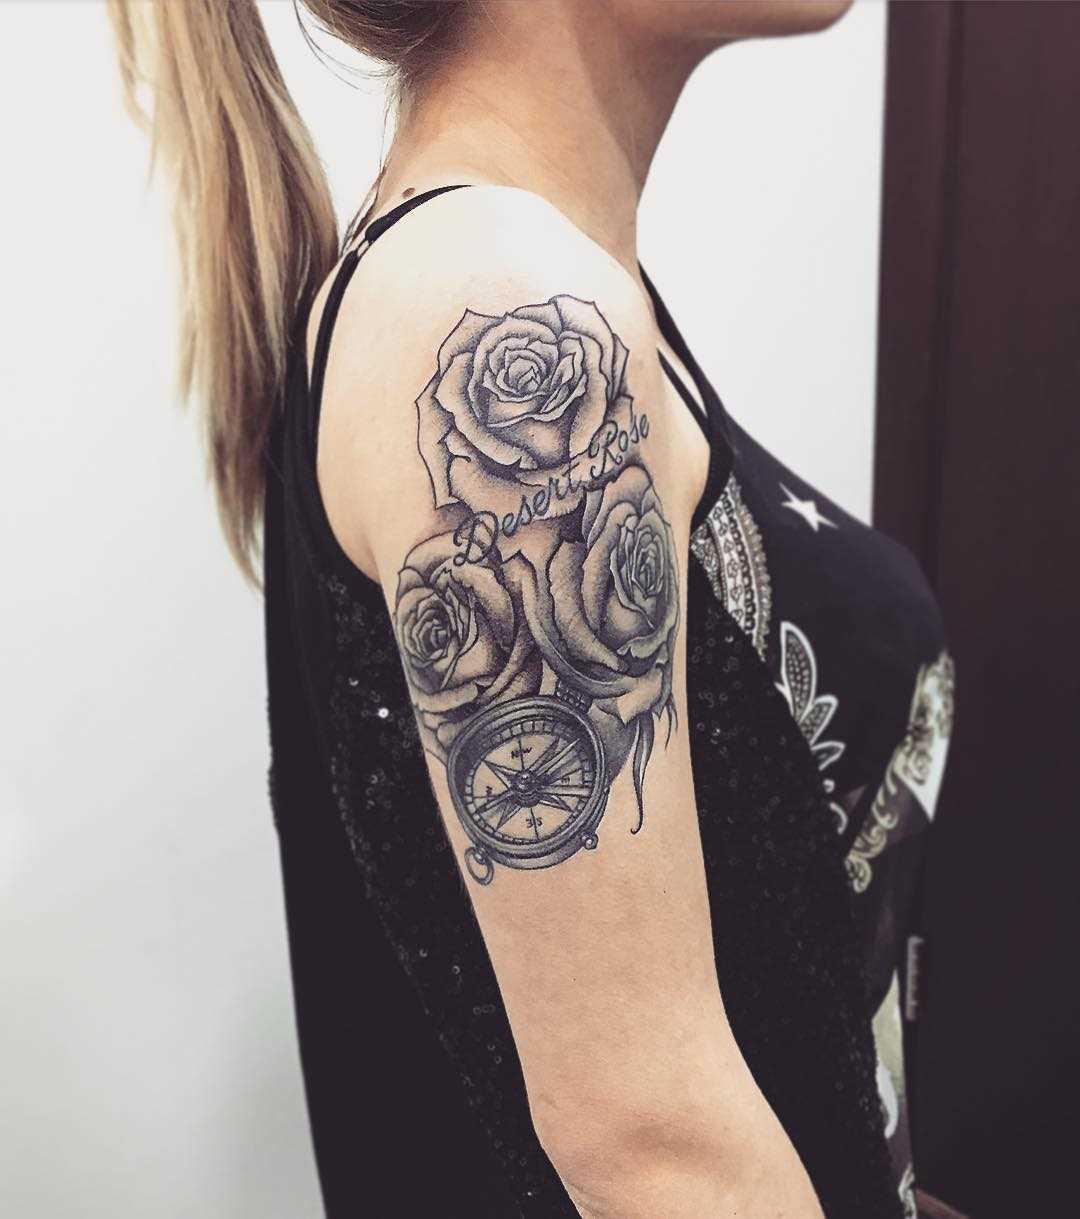 A tatuagem de uma bússola, com rosas no ombro da mulher